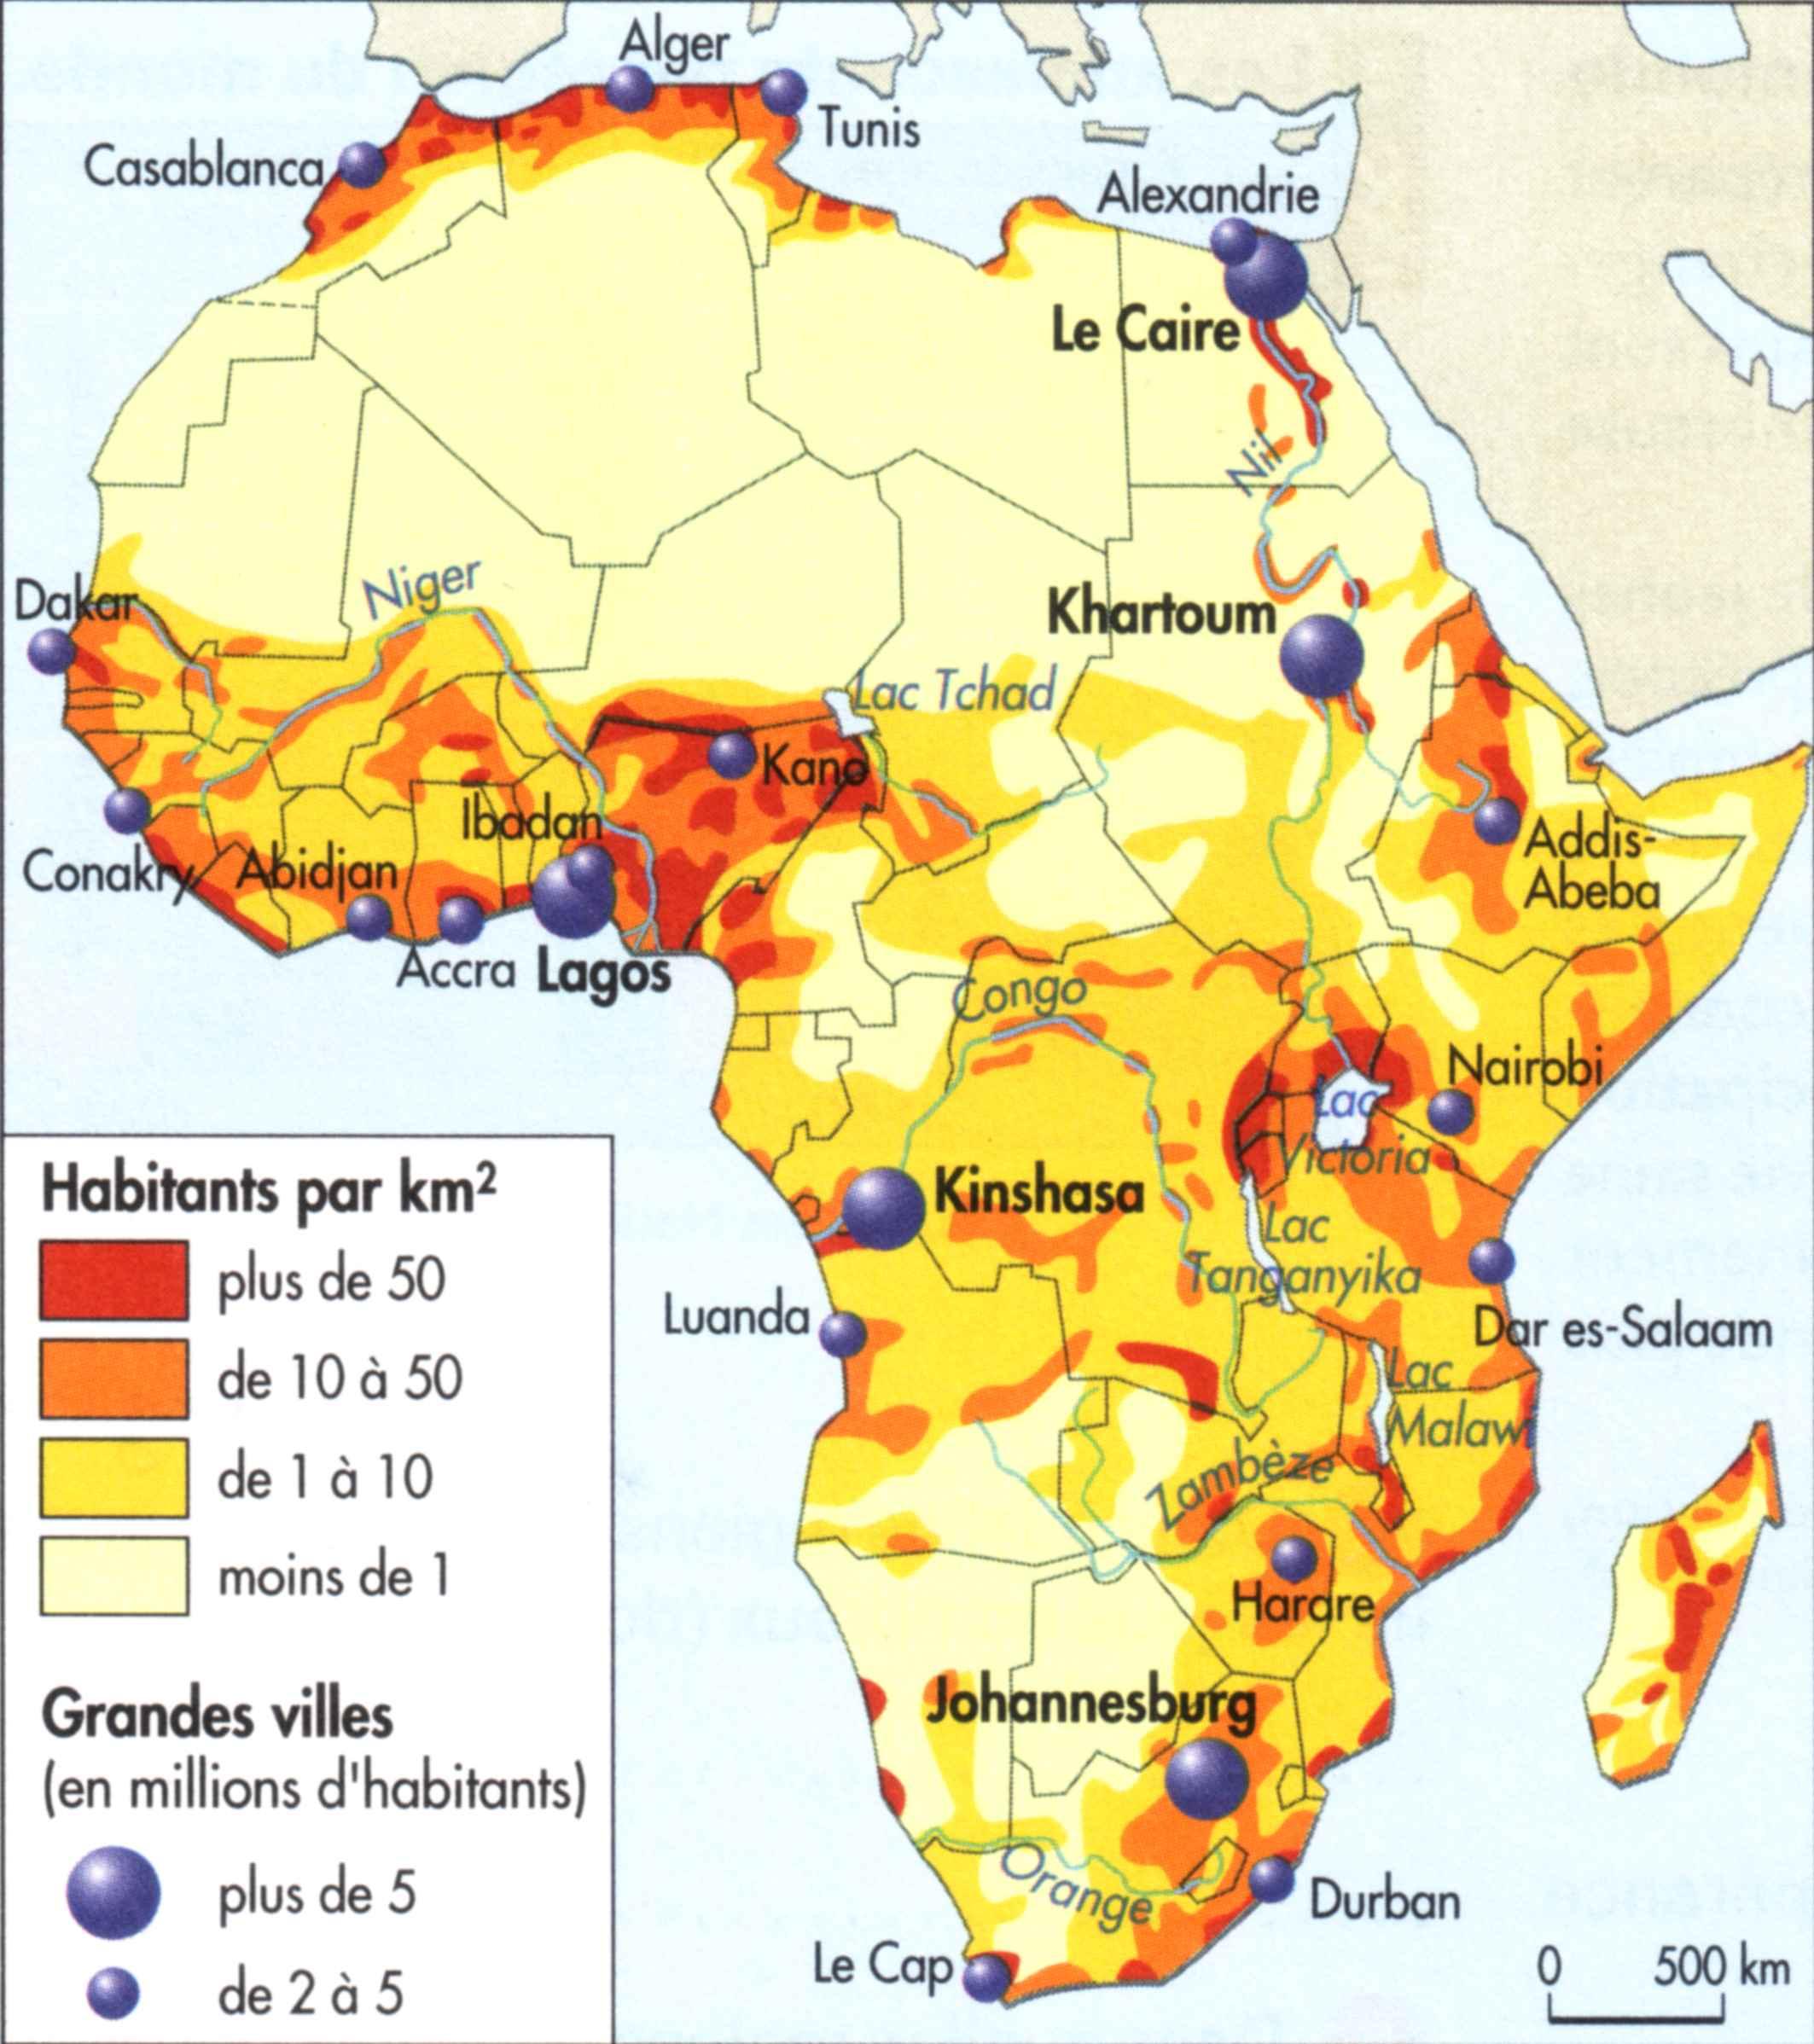 Villes Les Plus Importantes D Angola